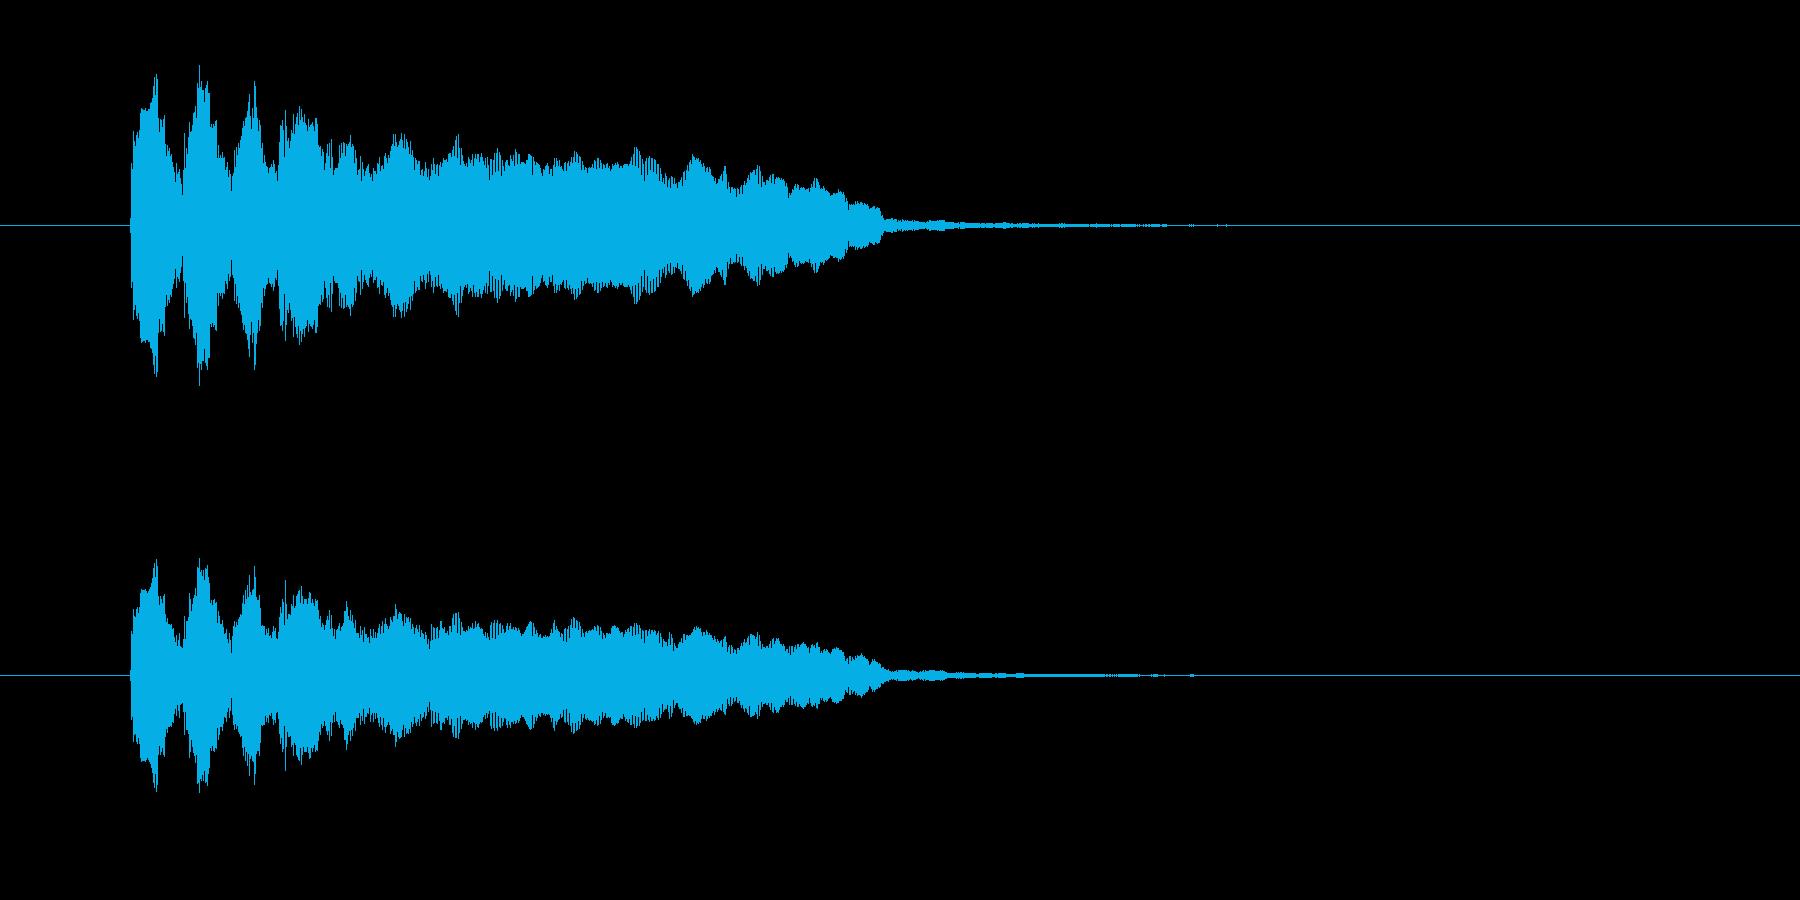 ふぁふぁふぁふぁ(クイズ不正解音)の再生済みの波形